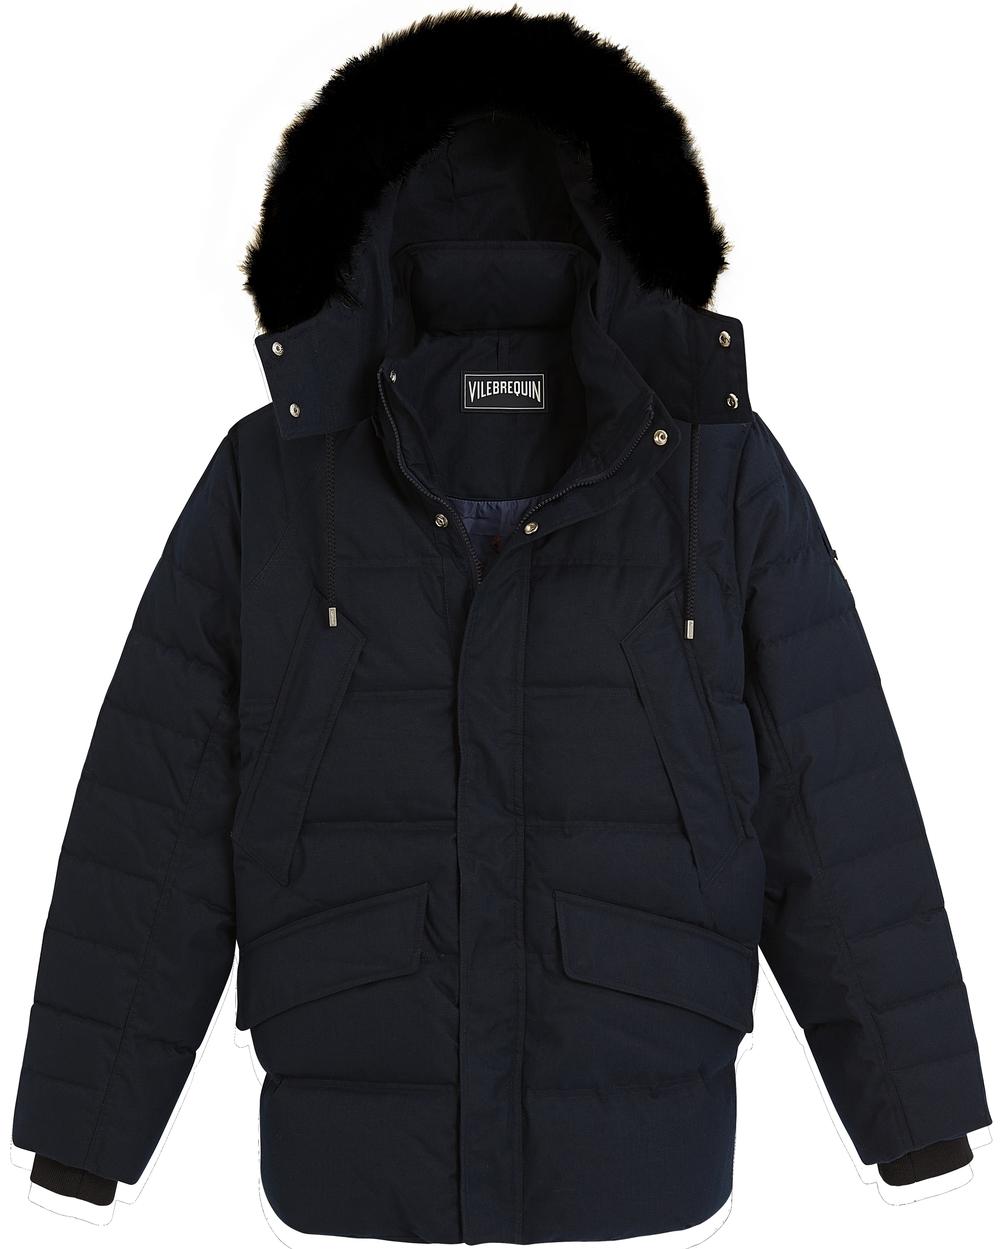 Vilebrequin Aspen Parka, $810